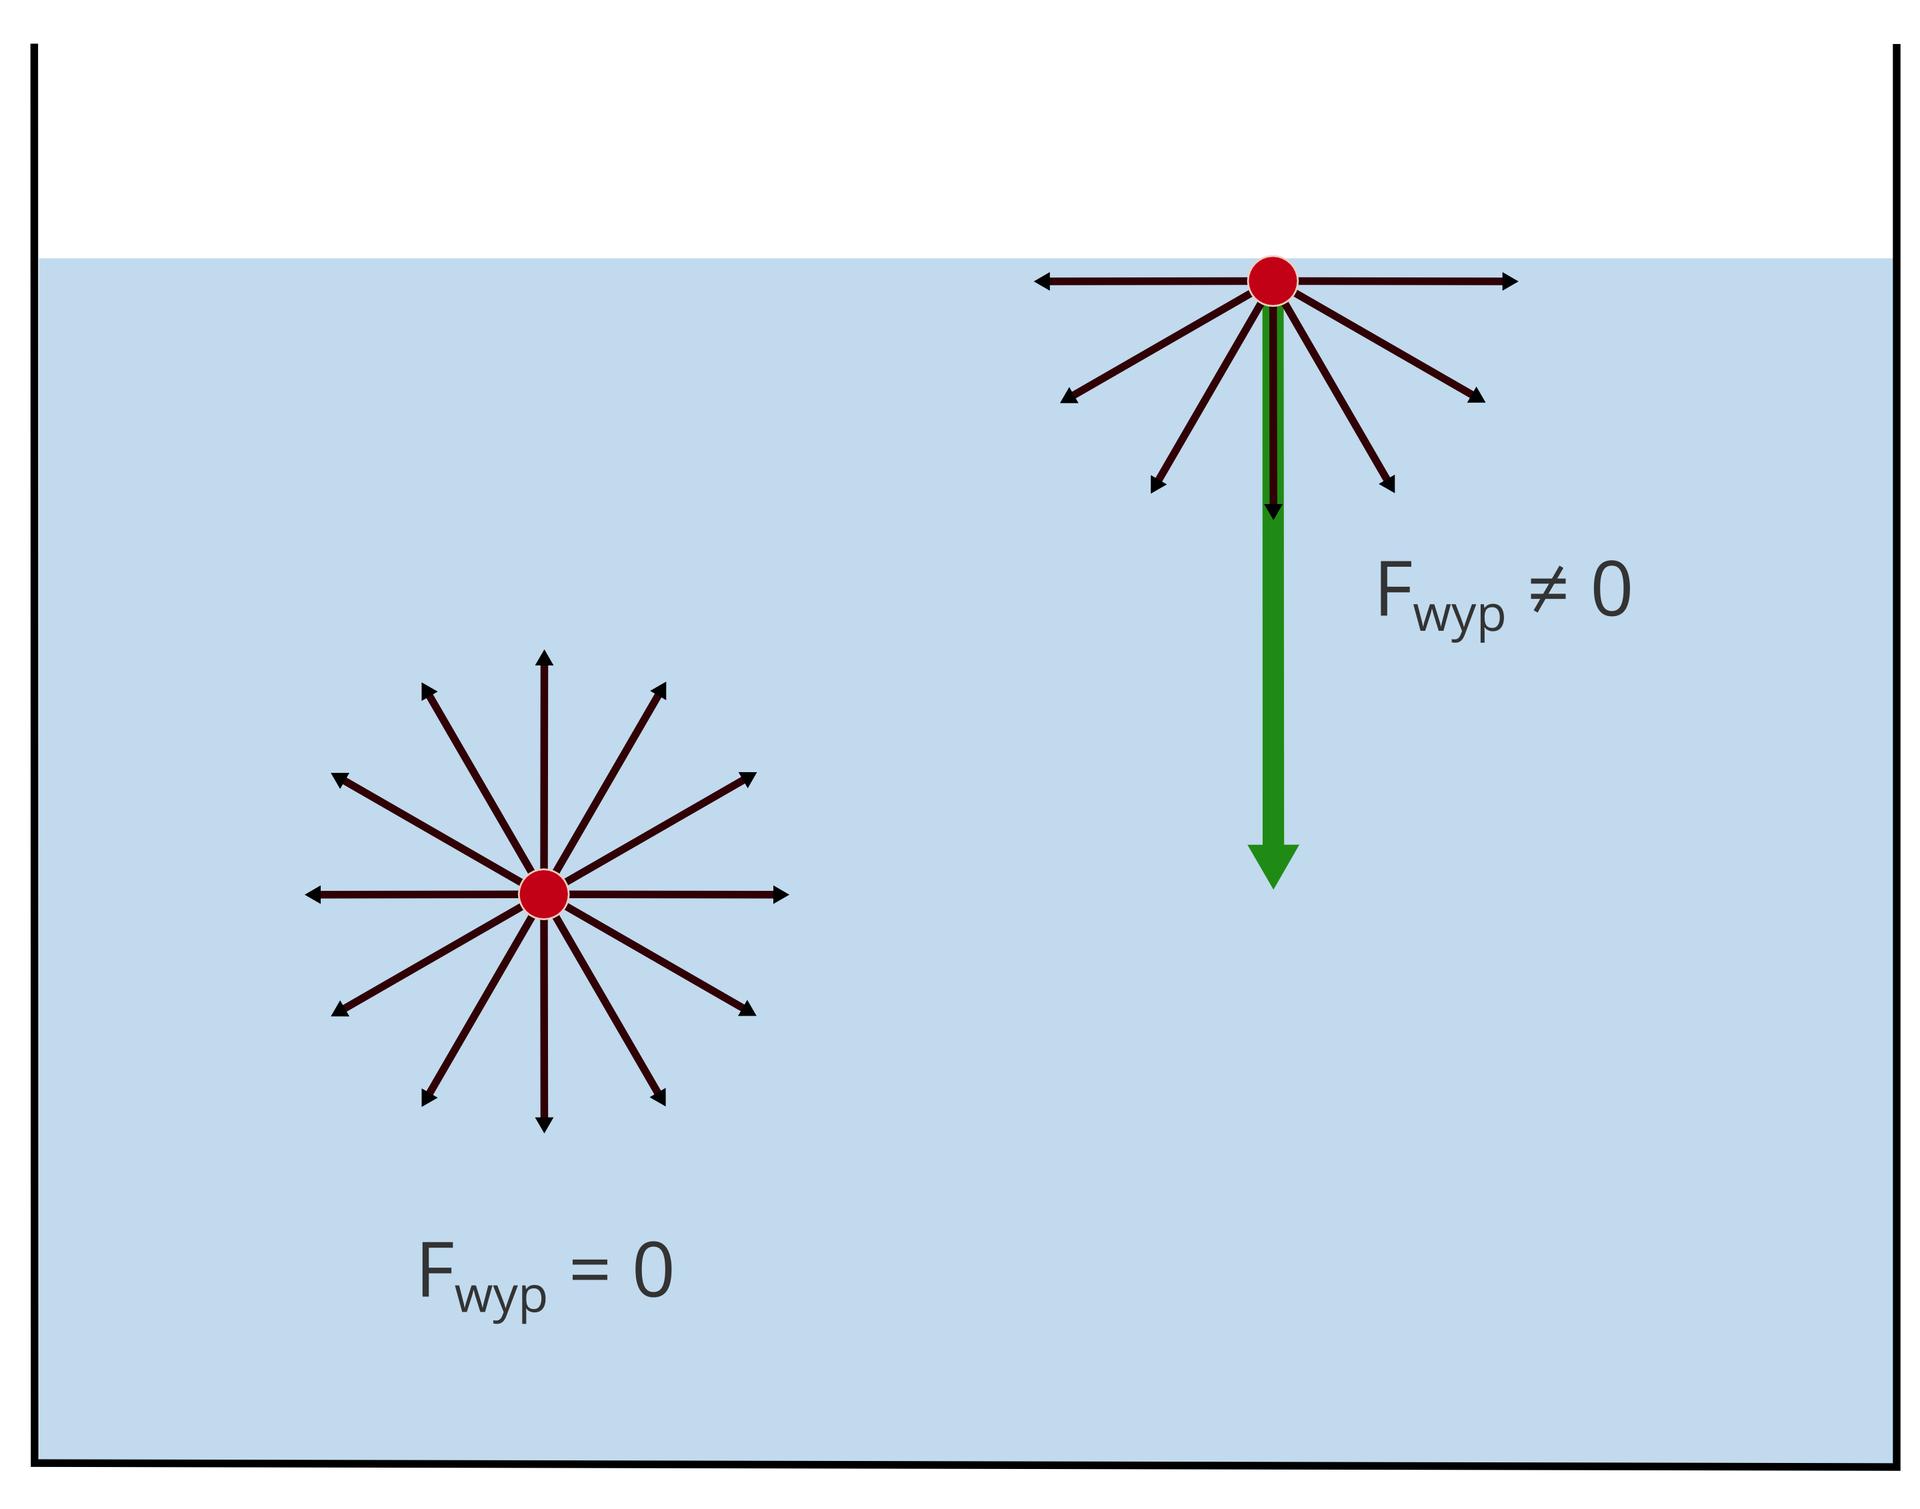 Na cząsteczki wody znajdujące się wewnątrz ina powierzchni cieczy działają siły spójności. Wewnątrz cieczy siły te działają równomiernie we wszystkich kierunkach irównoważą się. Na cząsteczki znajdujące się na powierzchni działa siła wypadkowa skierowana do wnętrza cieczy – siła napięcia powierzchniowego. Na powierzchni cieczy tworzy się błonka.